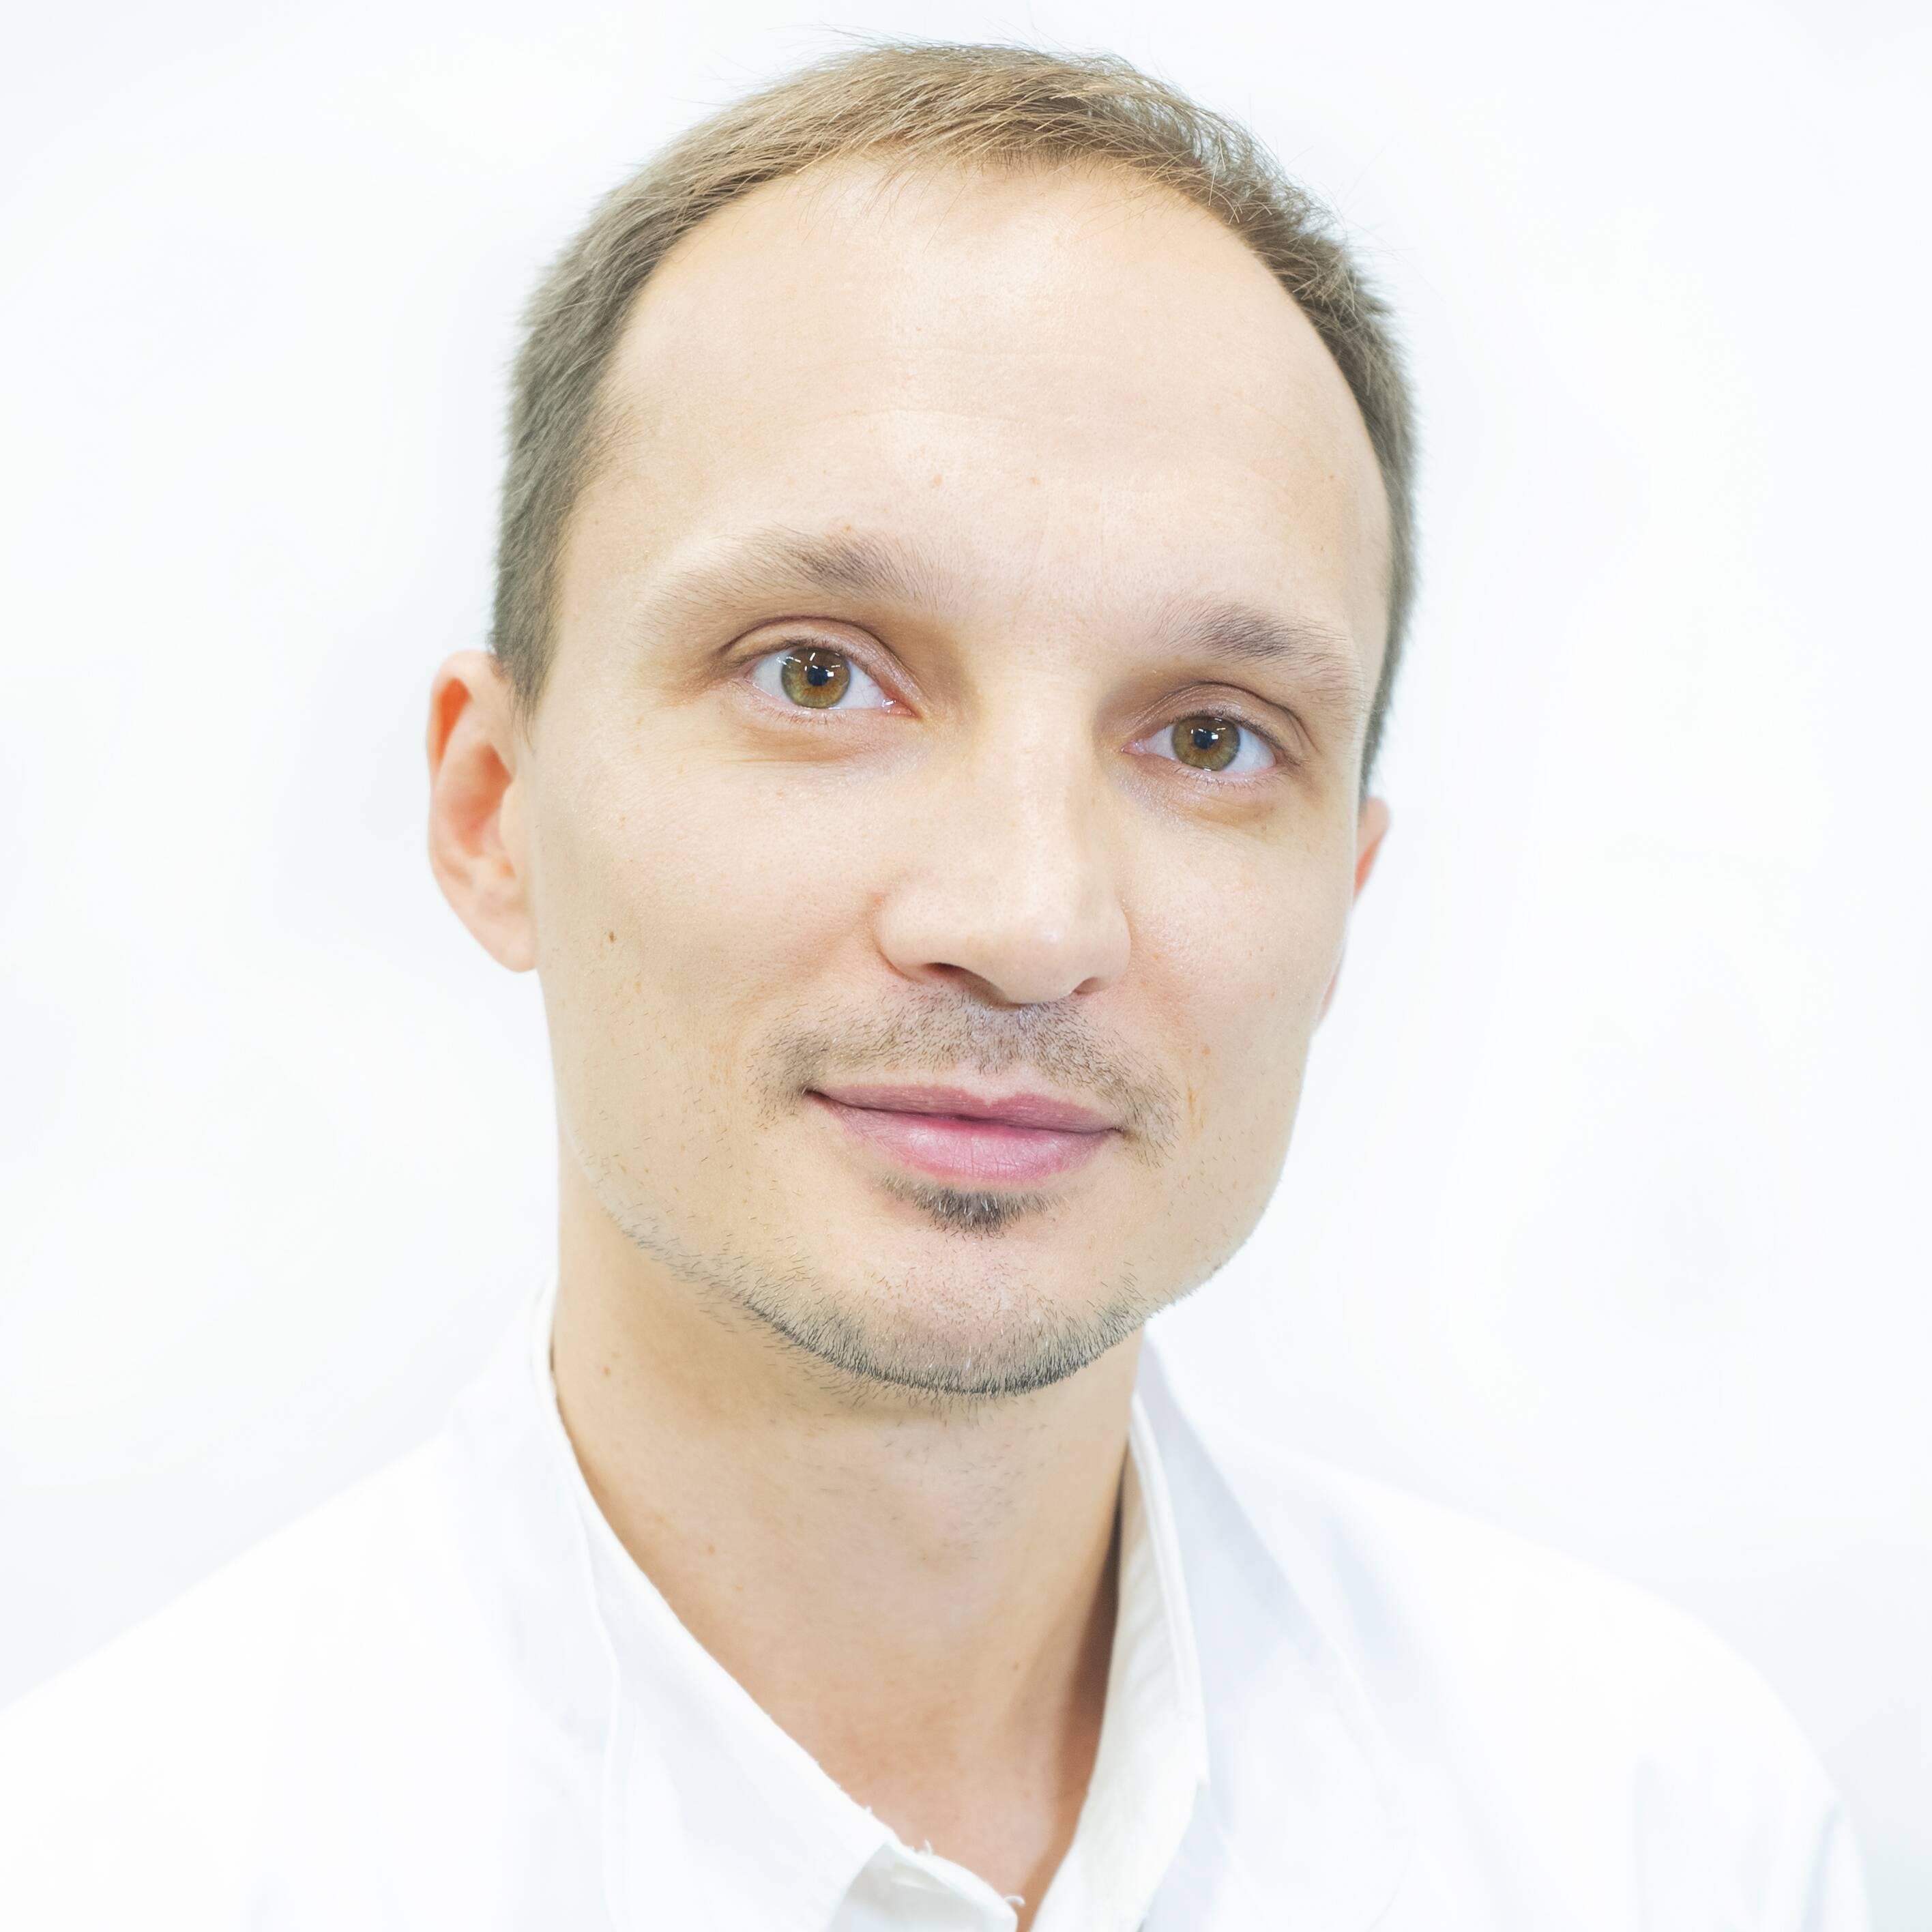 лікар Савчук Михайло Анатолійович: опис, відгуки, послуги, рейтинг, записатися онлайн на сайті h24.ua